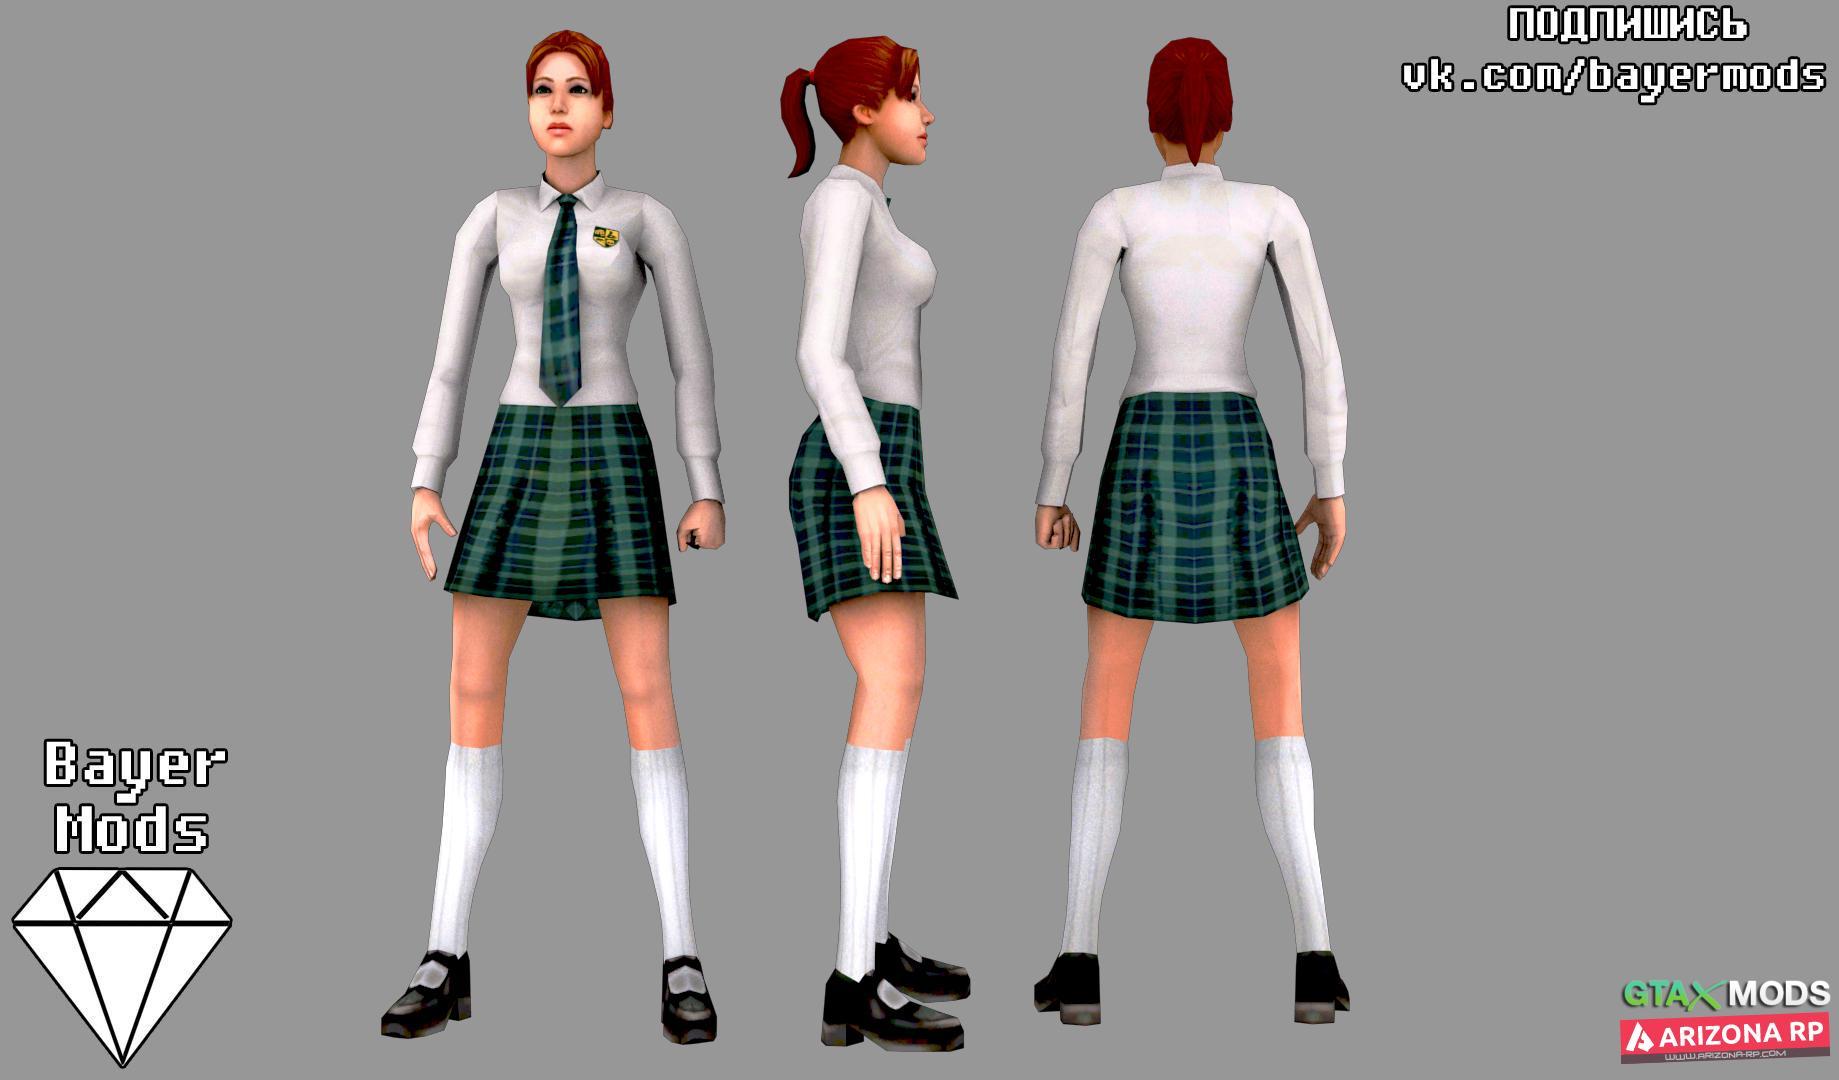 [LQ] hfyri - School Girl